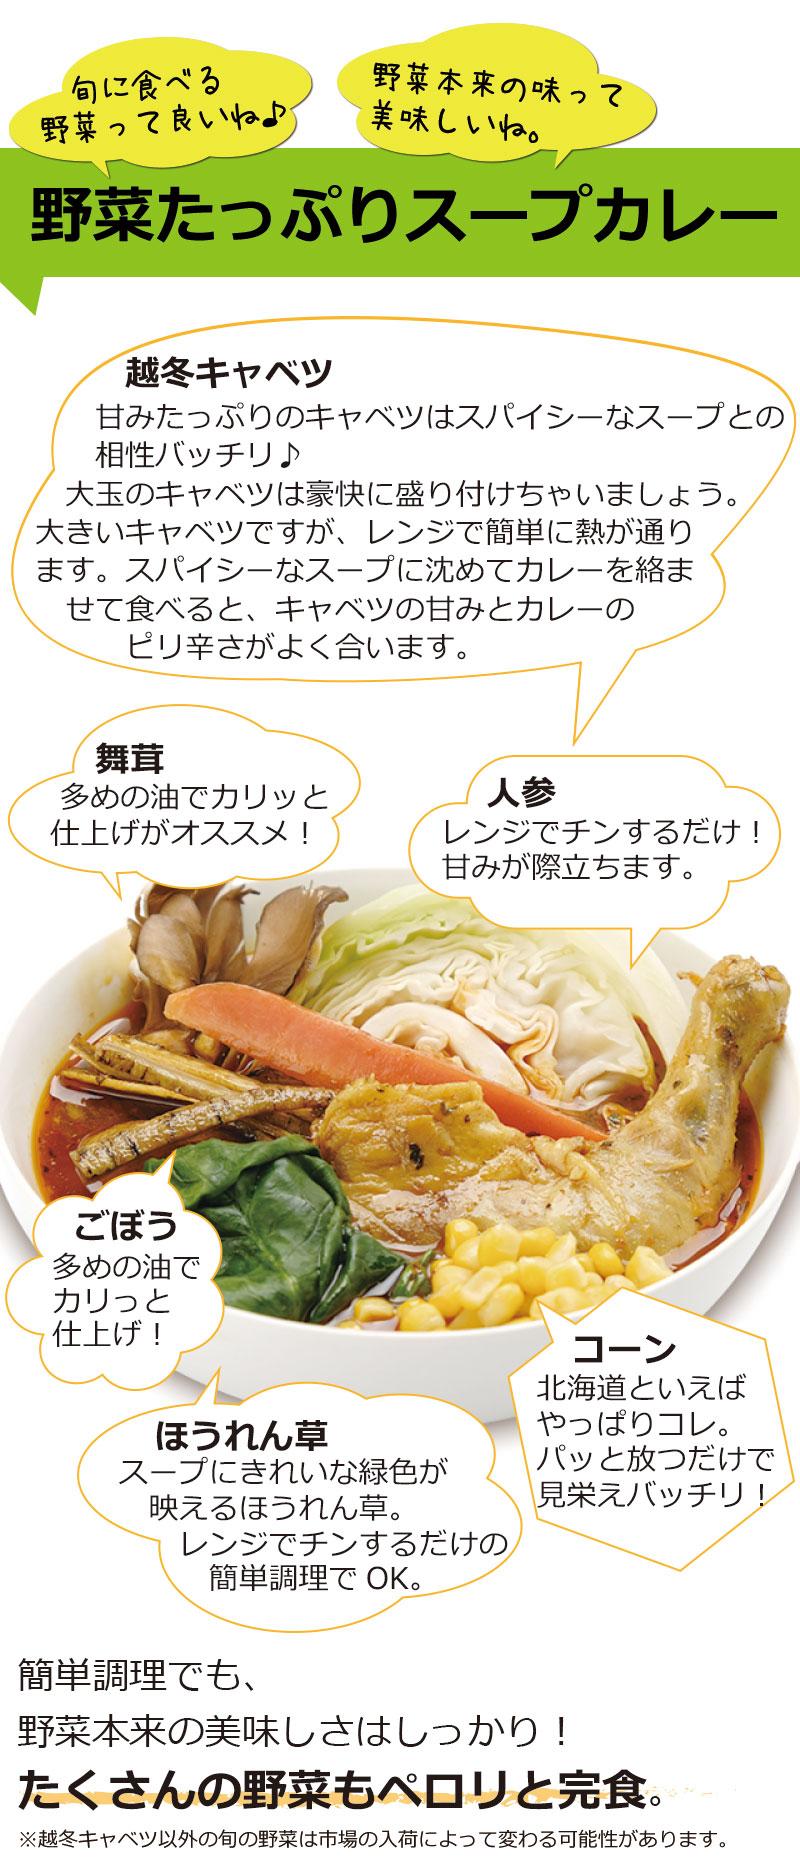 旬に食べる野菜って良いね。野菜たっぷりスープカレー